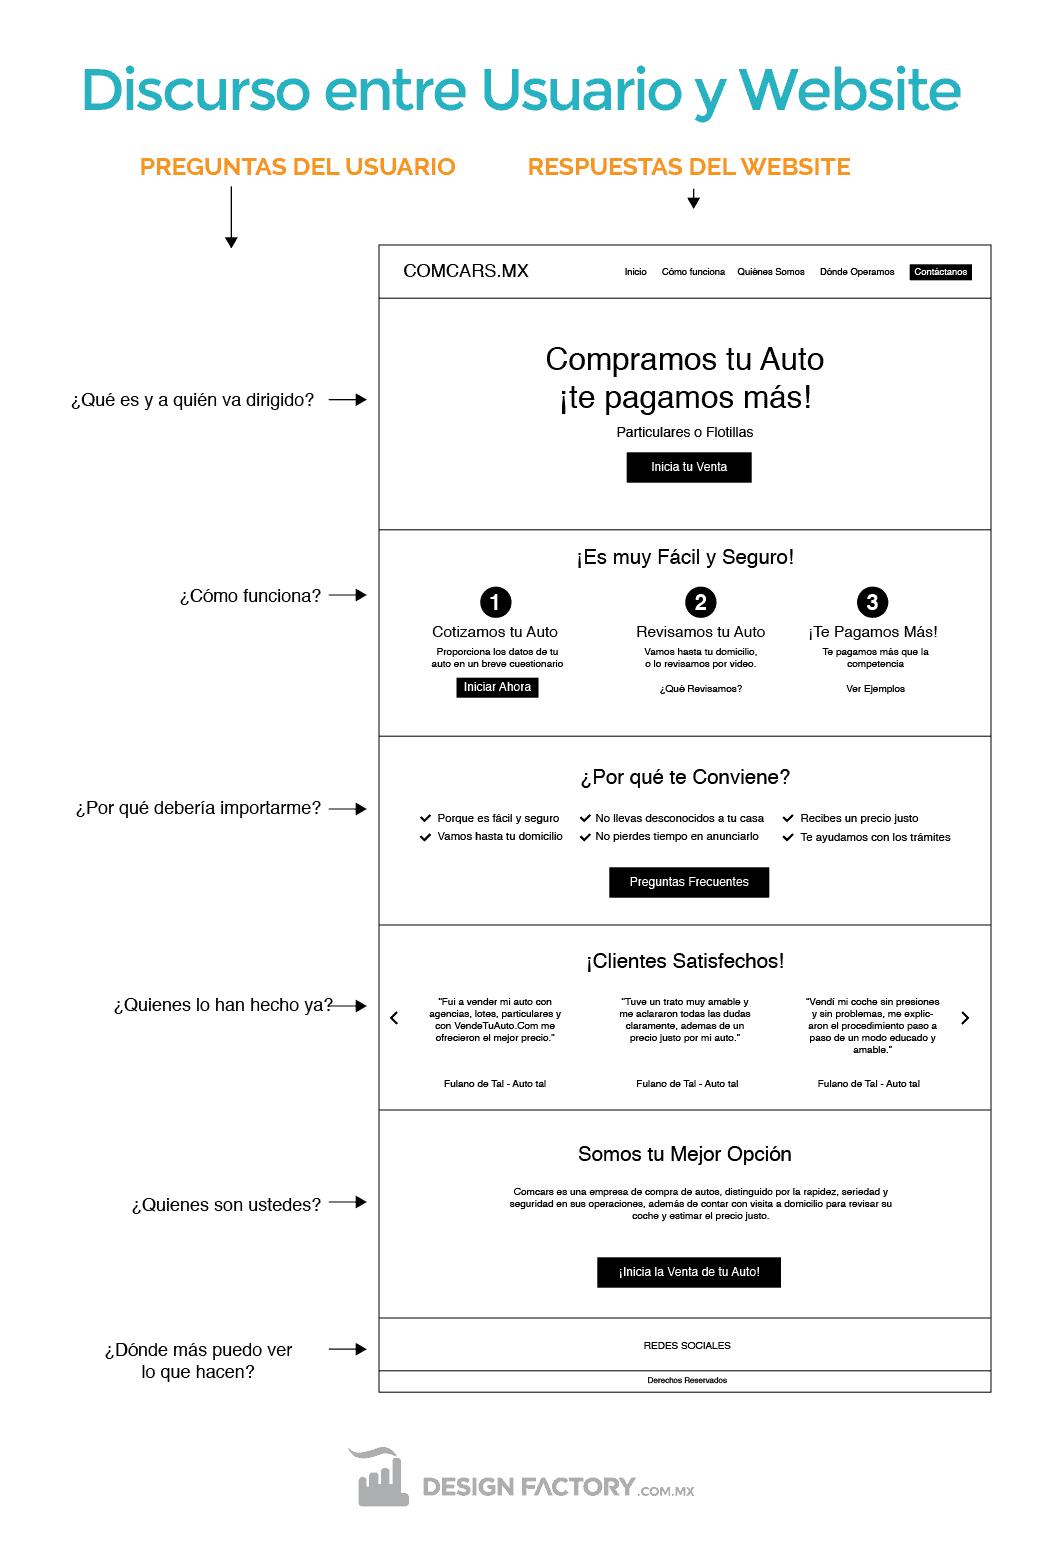 Arquitectura de Información del website